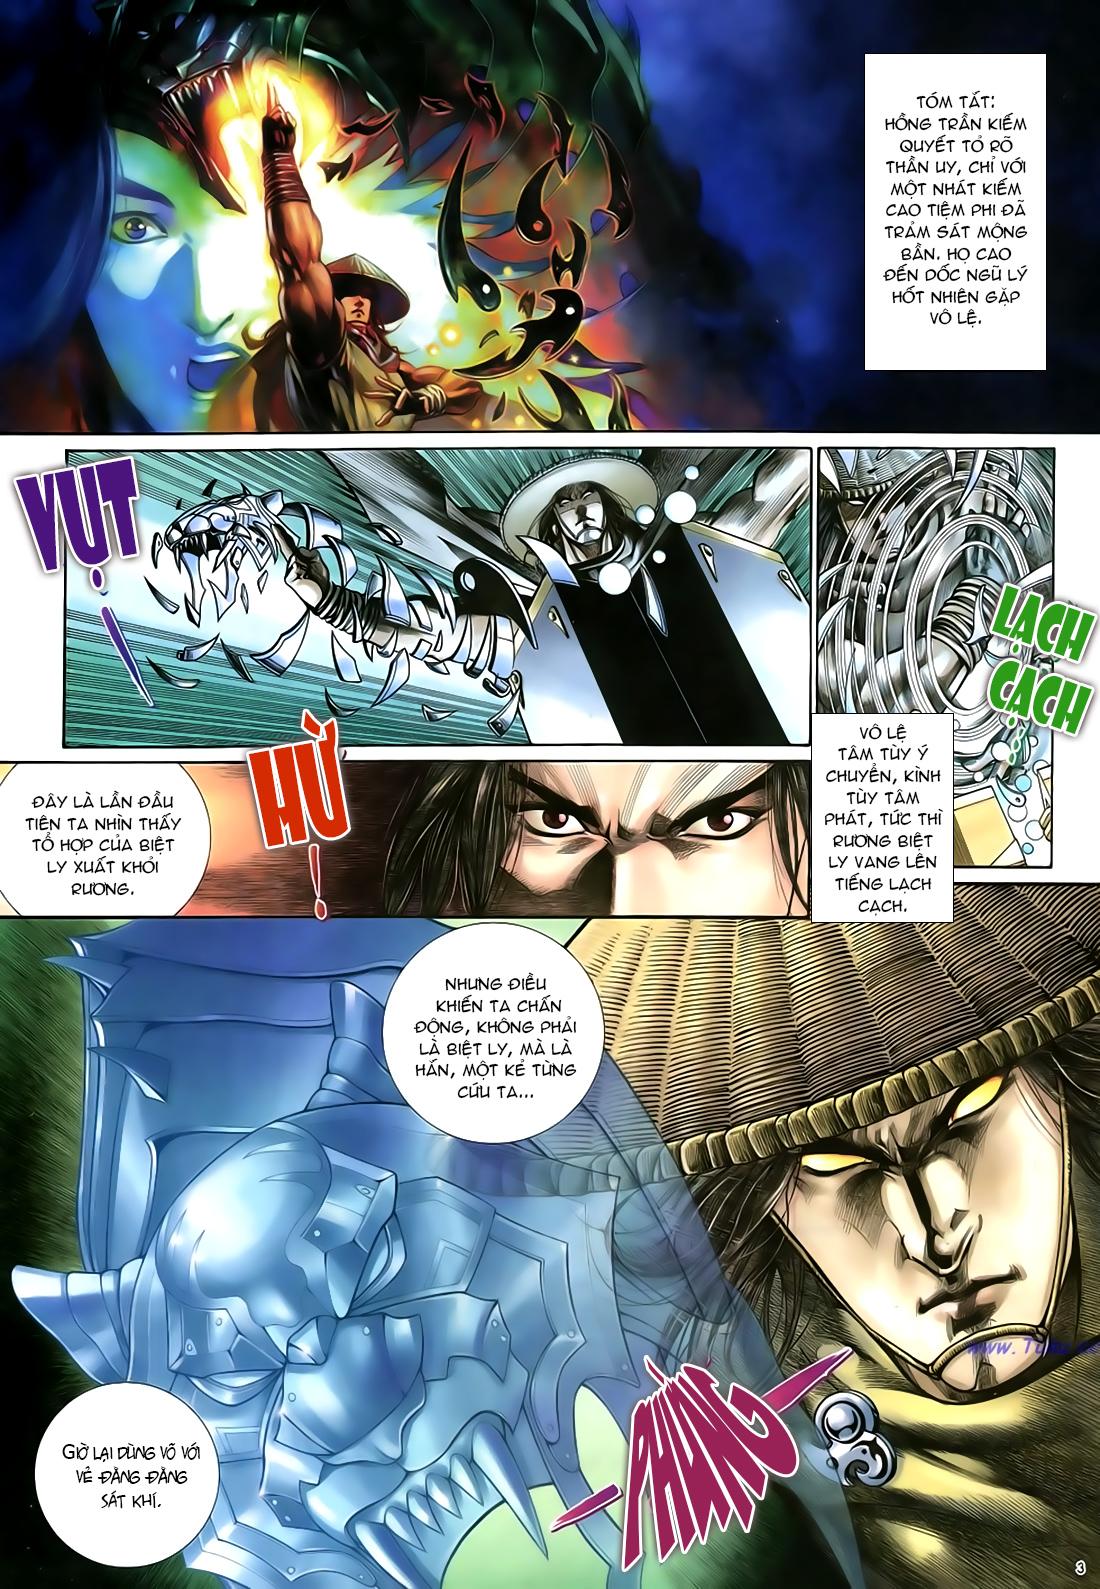 Anh hùng vô lệ Chap 21 trang 4